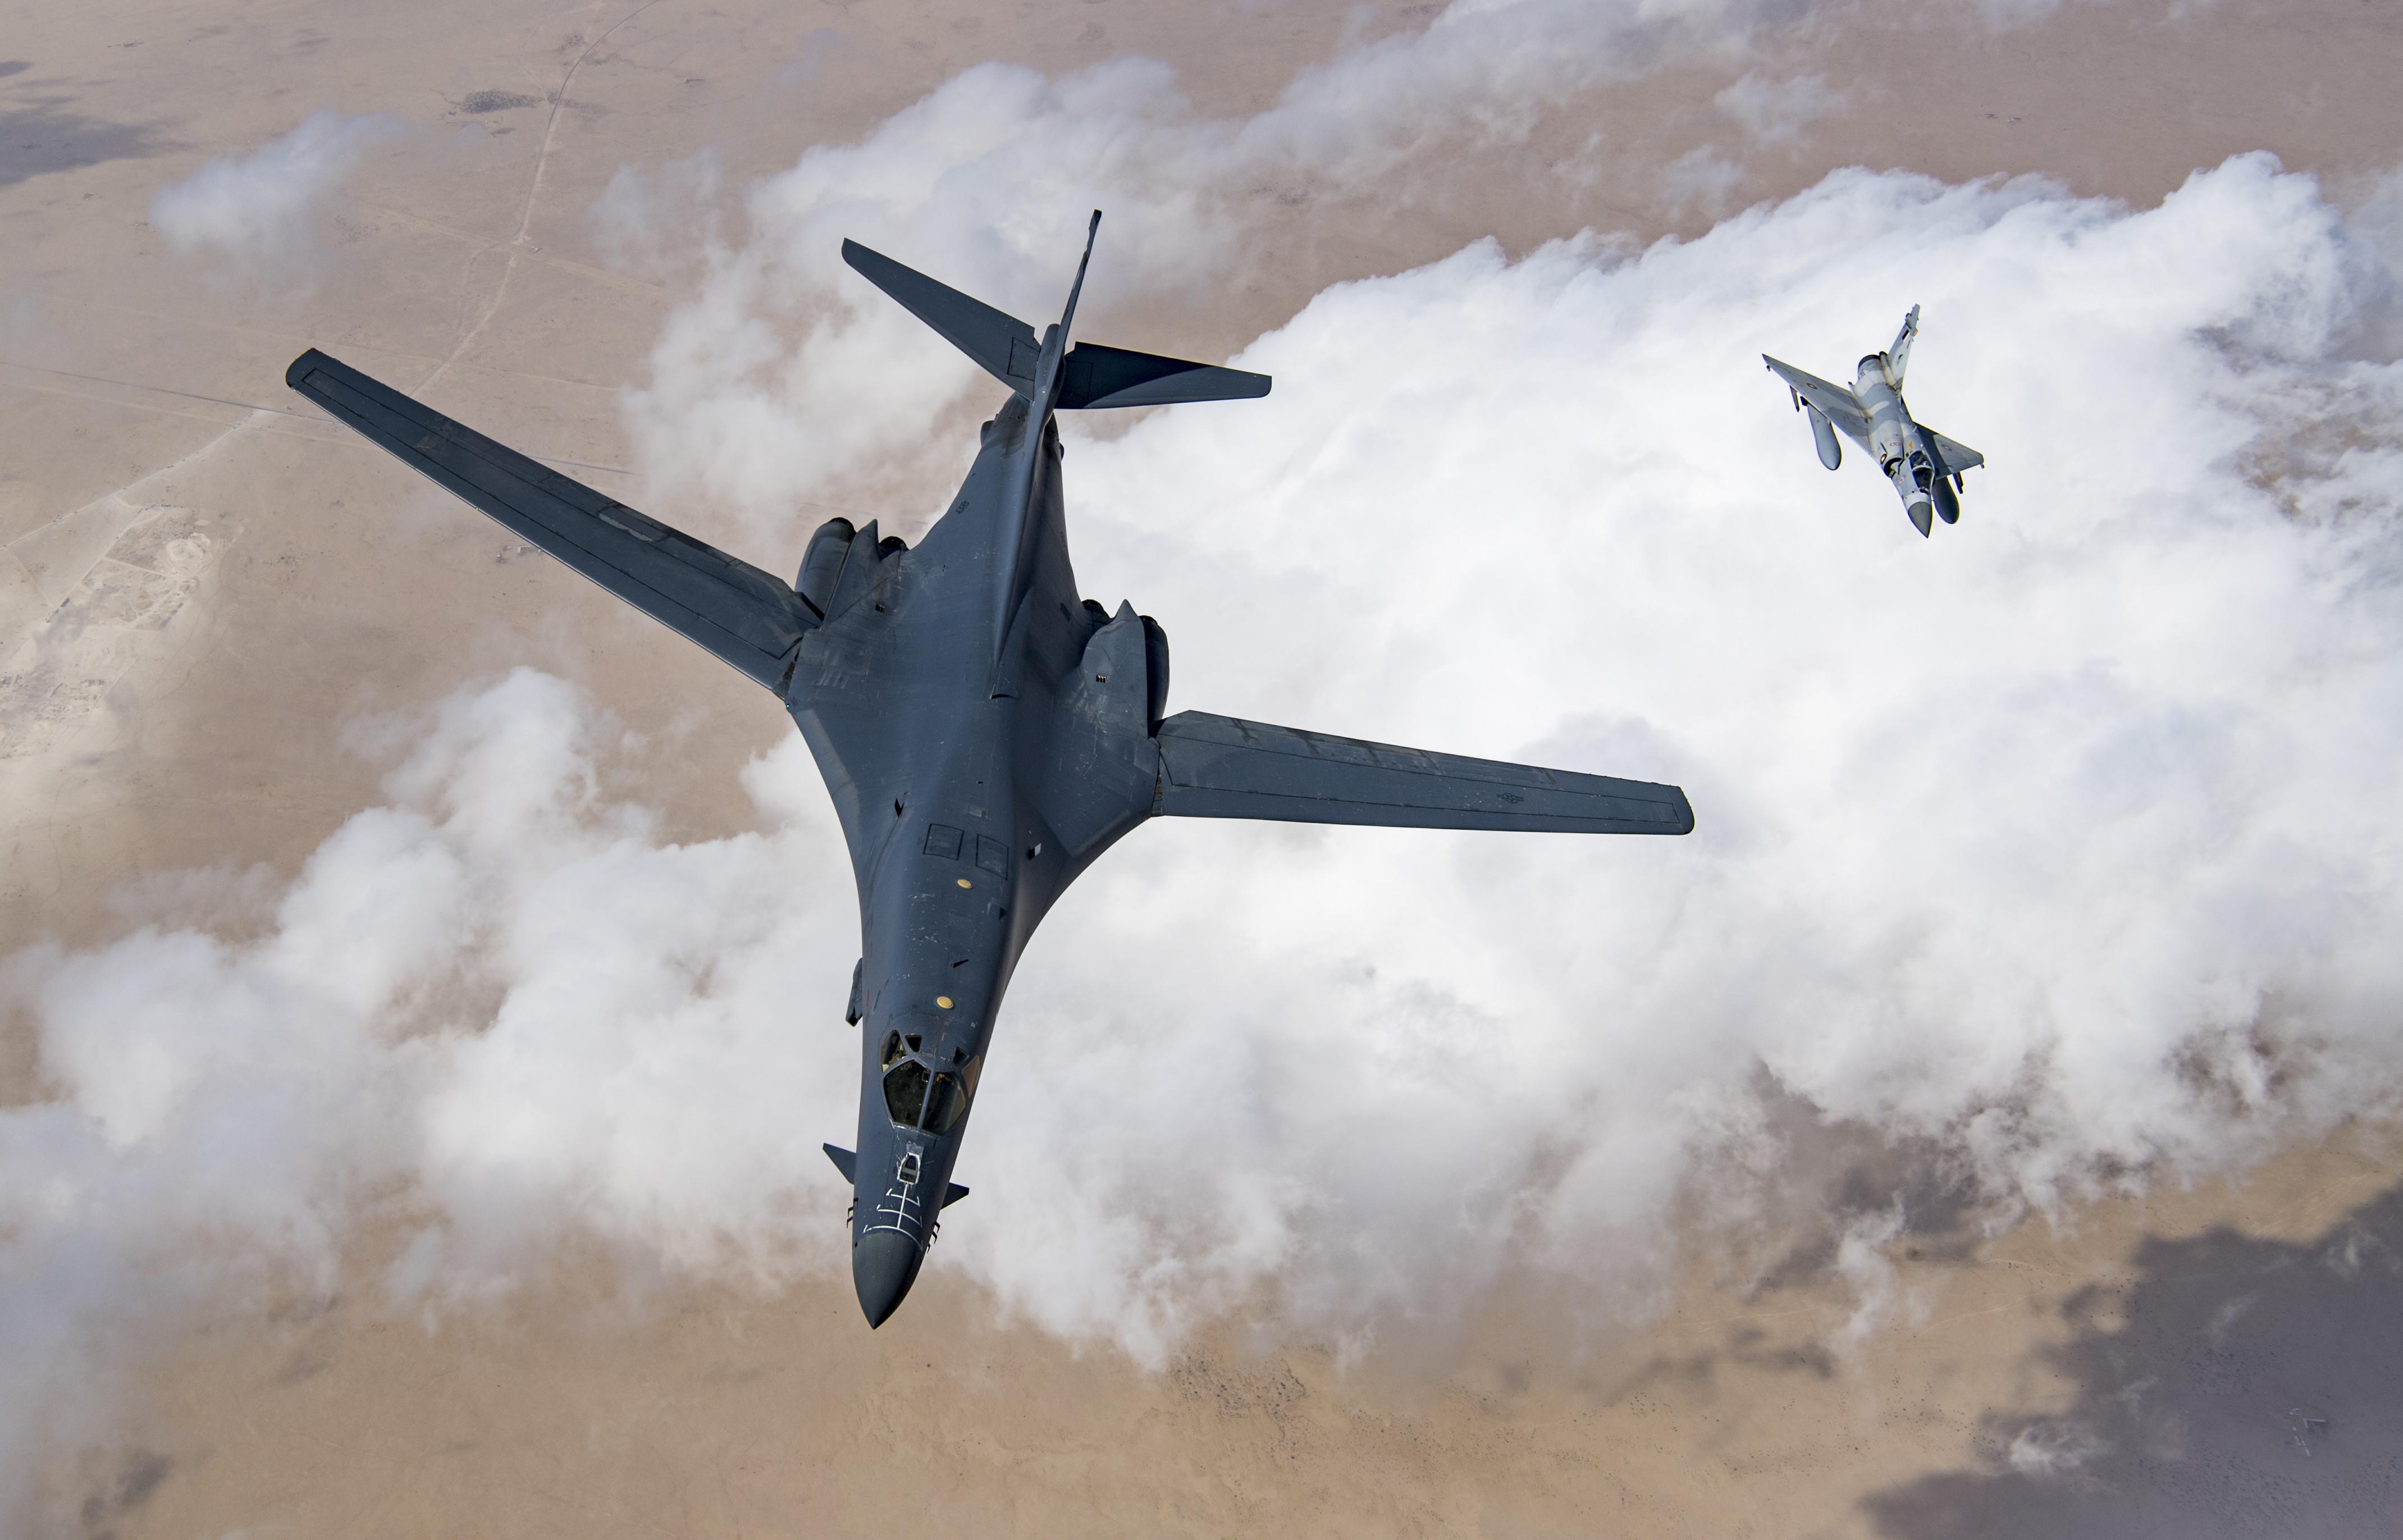 美空军停飞B-1B超音速轰炸机 逃生系统被曝故障